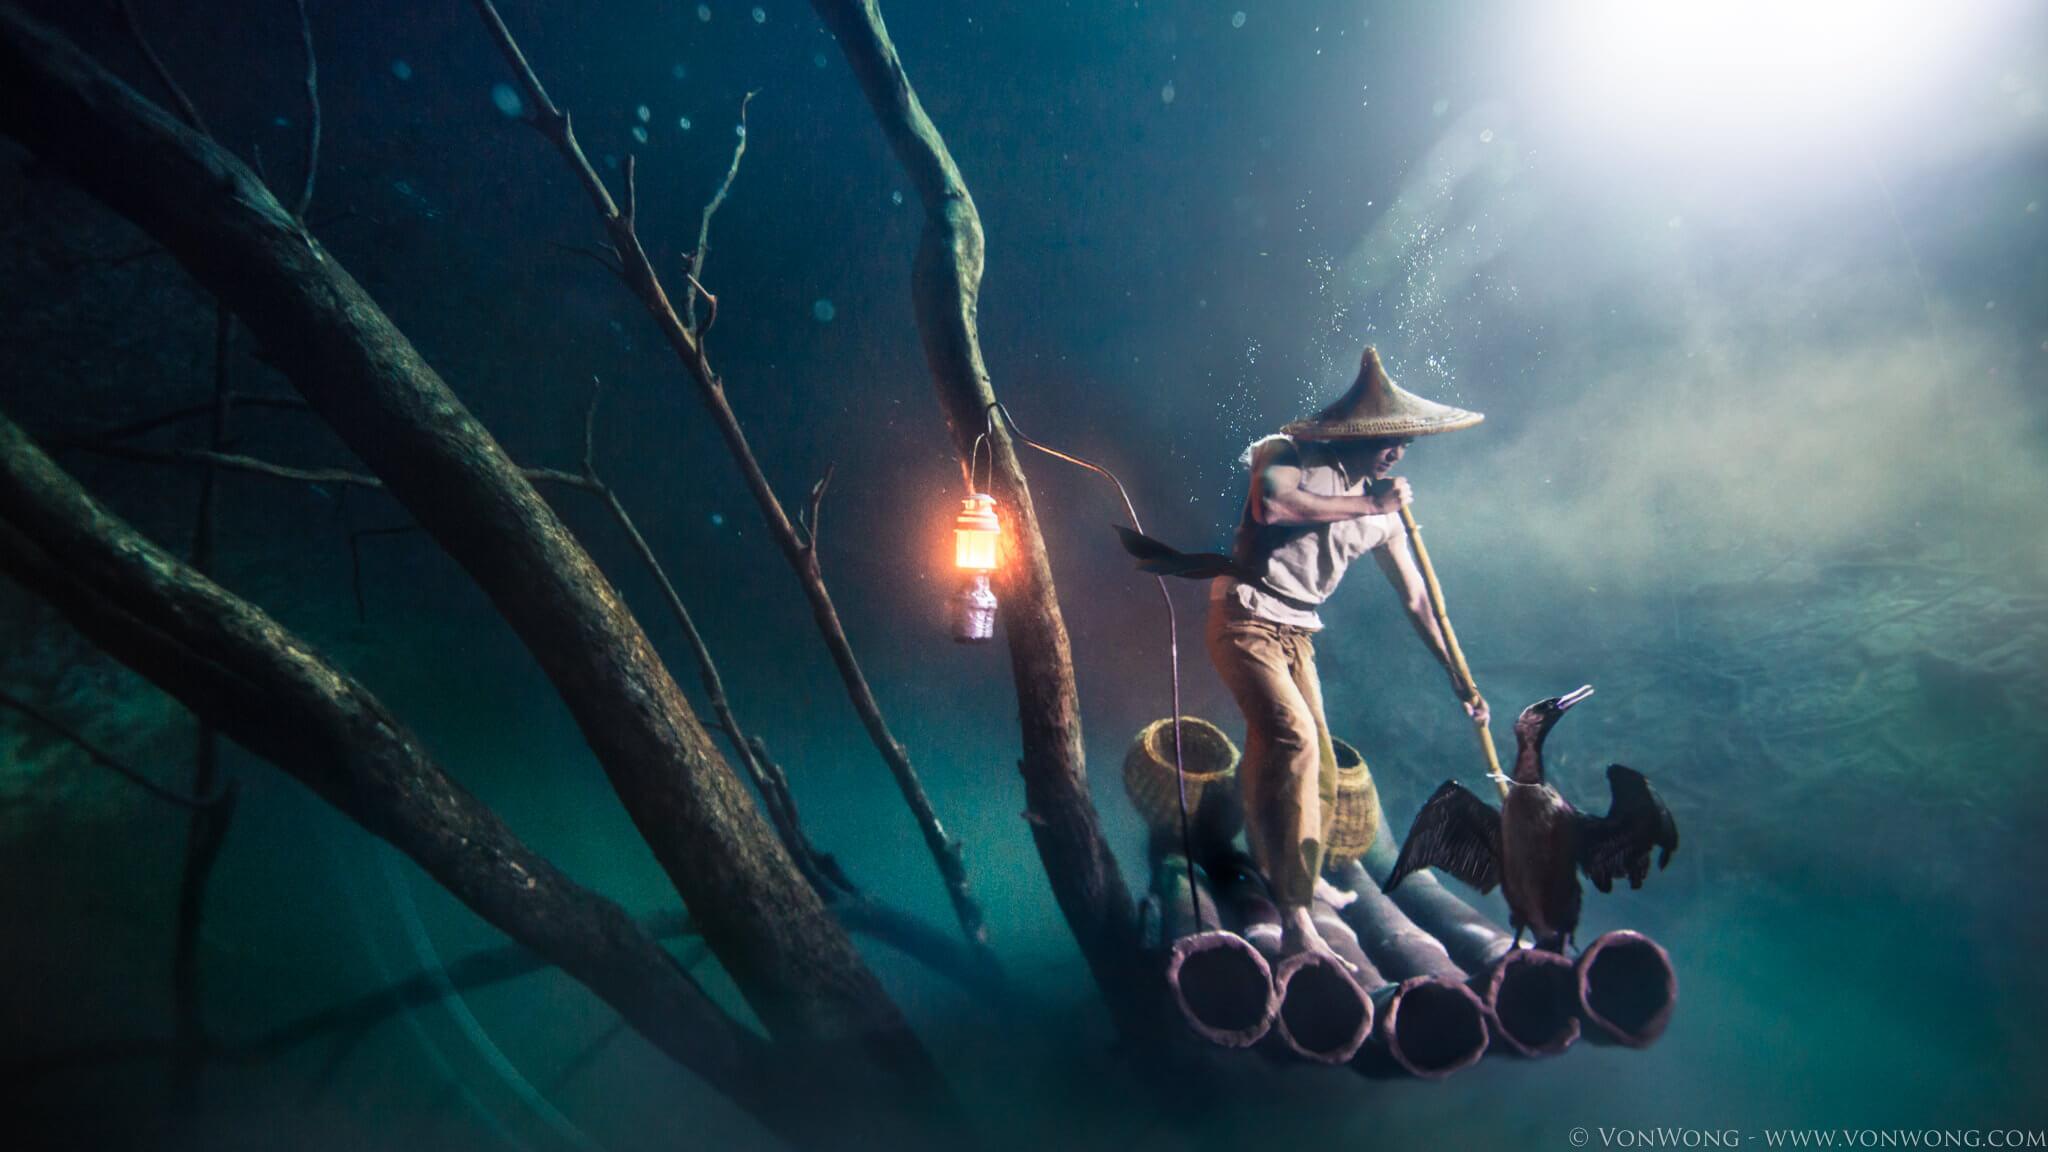 წყალქვეშა მდინარე, წყალქვეშა ტბა, მდინარე, ტბა, წყალბადის სულფიდი, ქველი, ბლოგი, მექსიკა, ოკეანე, მექსიკის ყურე, მექსიკის ოკეანე, qwelly, mexico, tba, lake, river, underwater river, underwater lake, meqsika, wyalqvesha mdinare